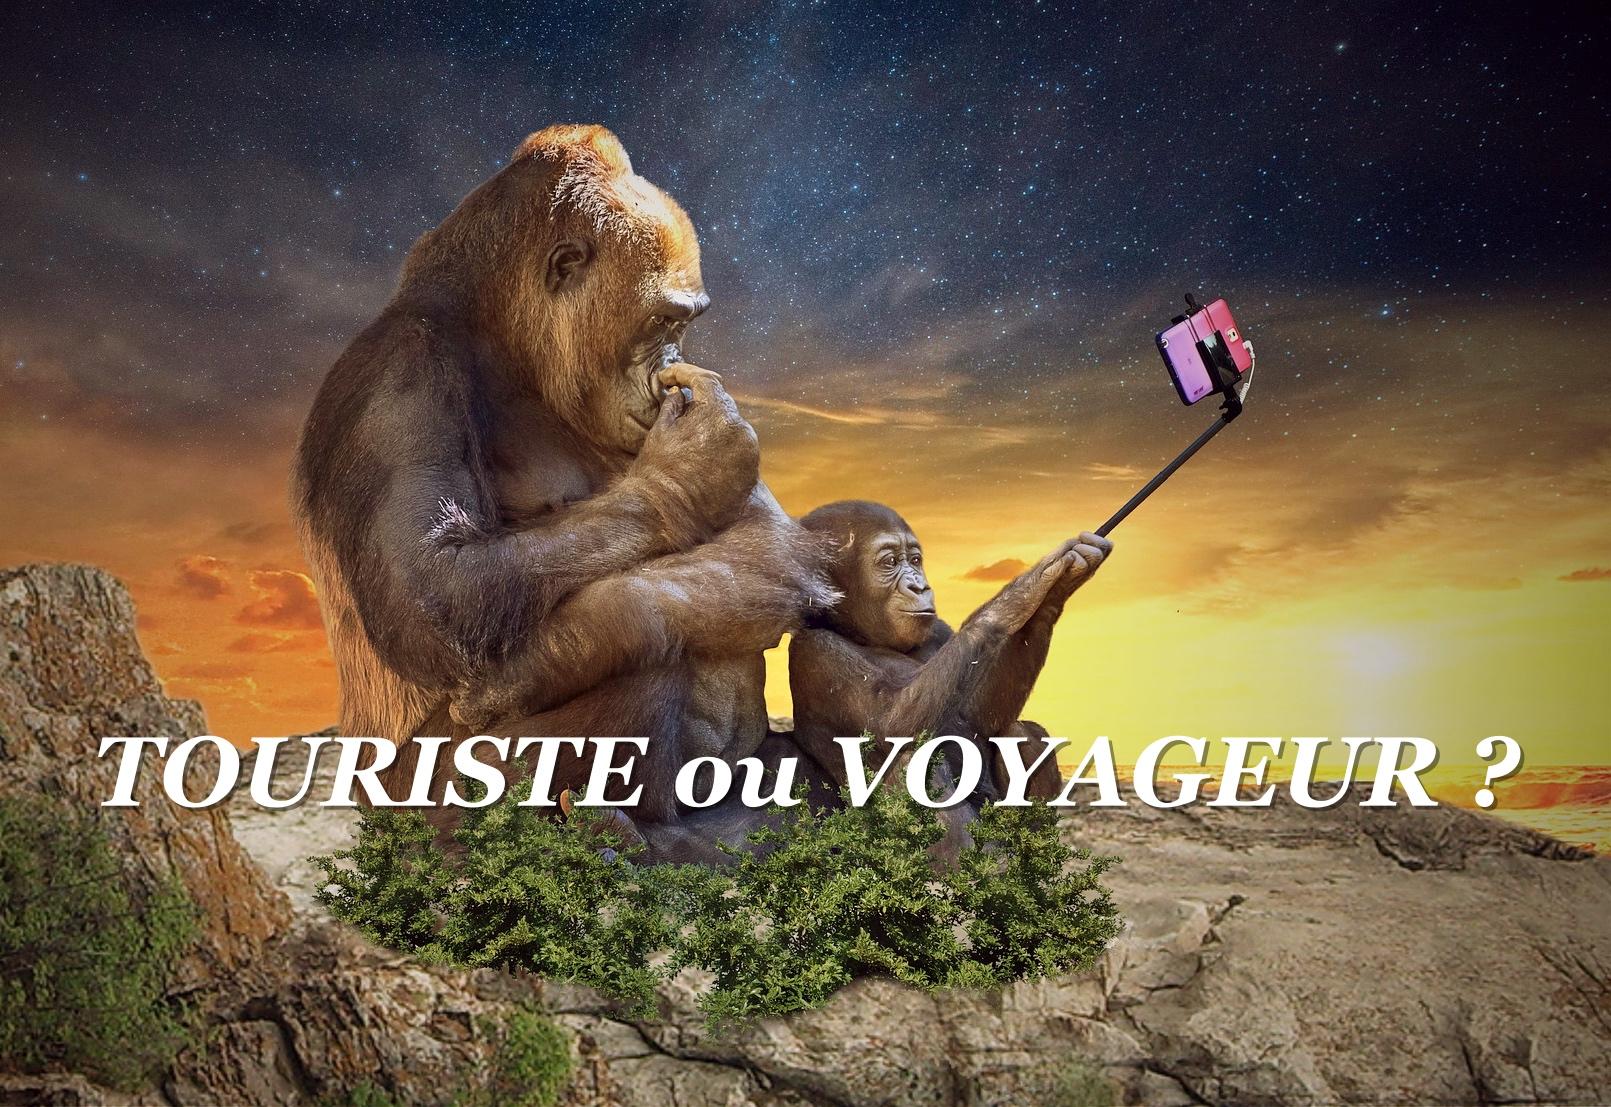 TOURISTE OU VOYAGEUR